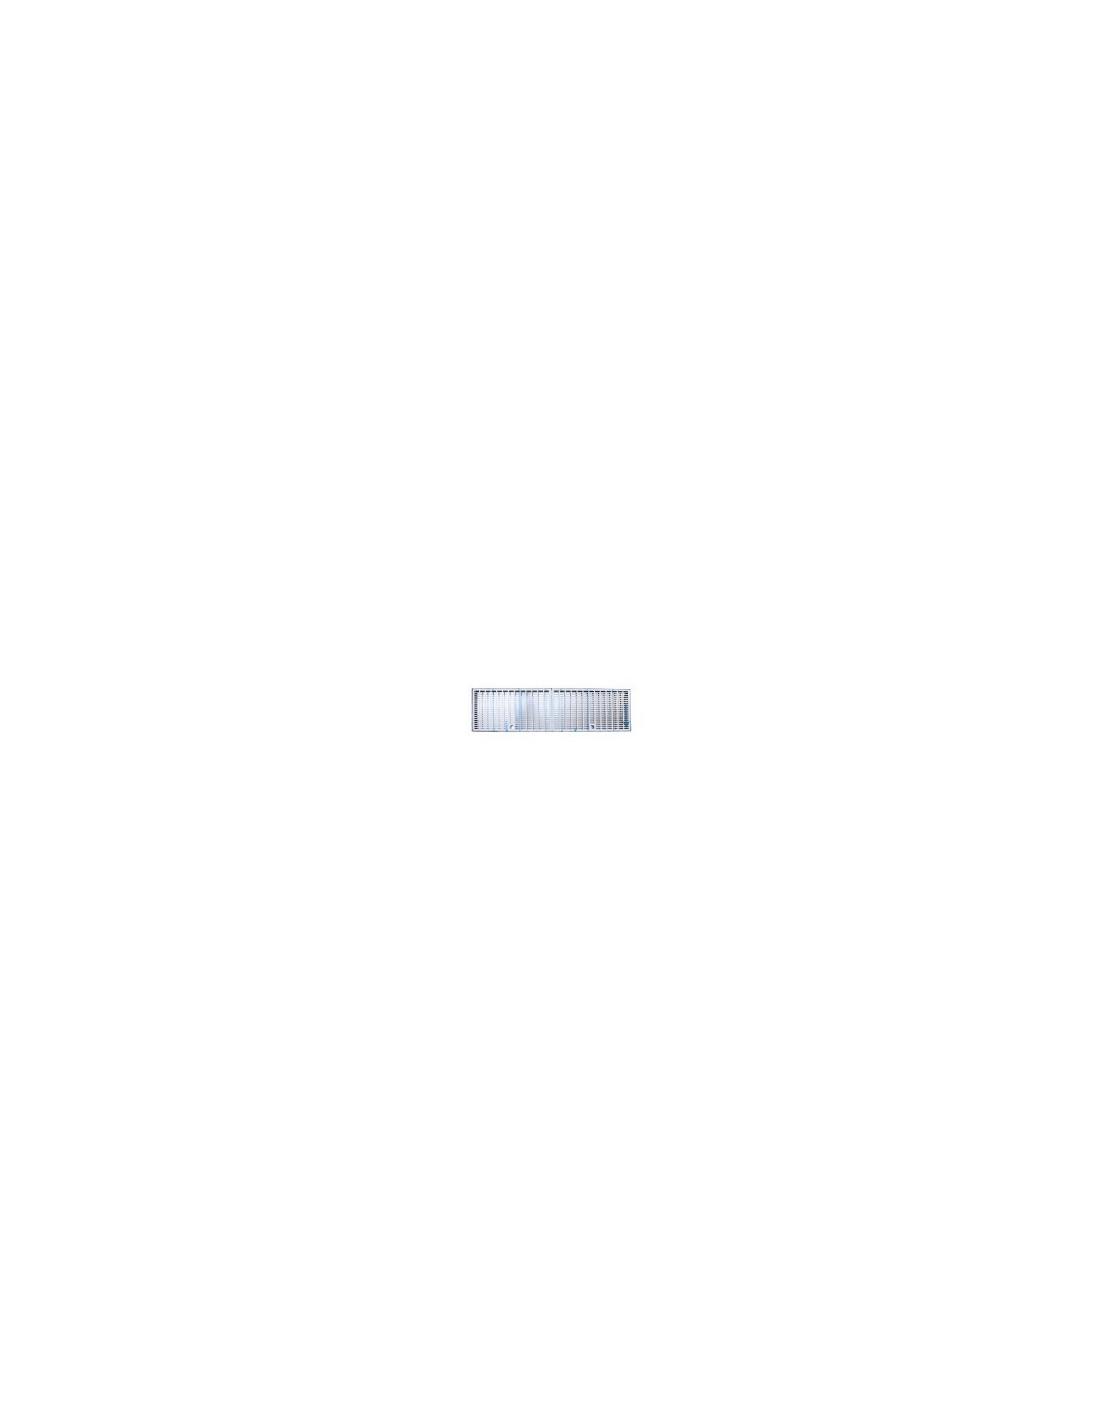 ODM01611 - Spillbricka i rostfritt 800x220x20 mm